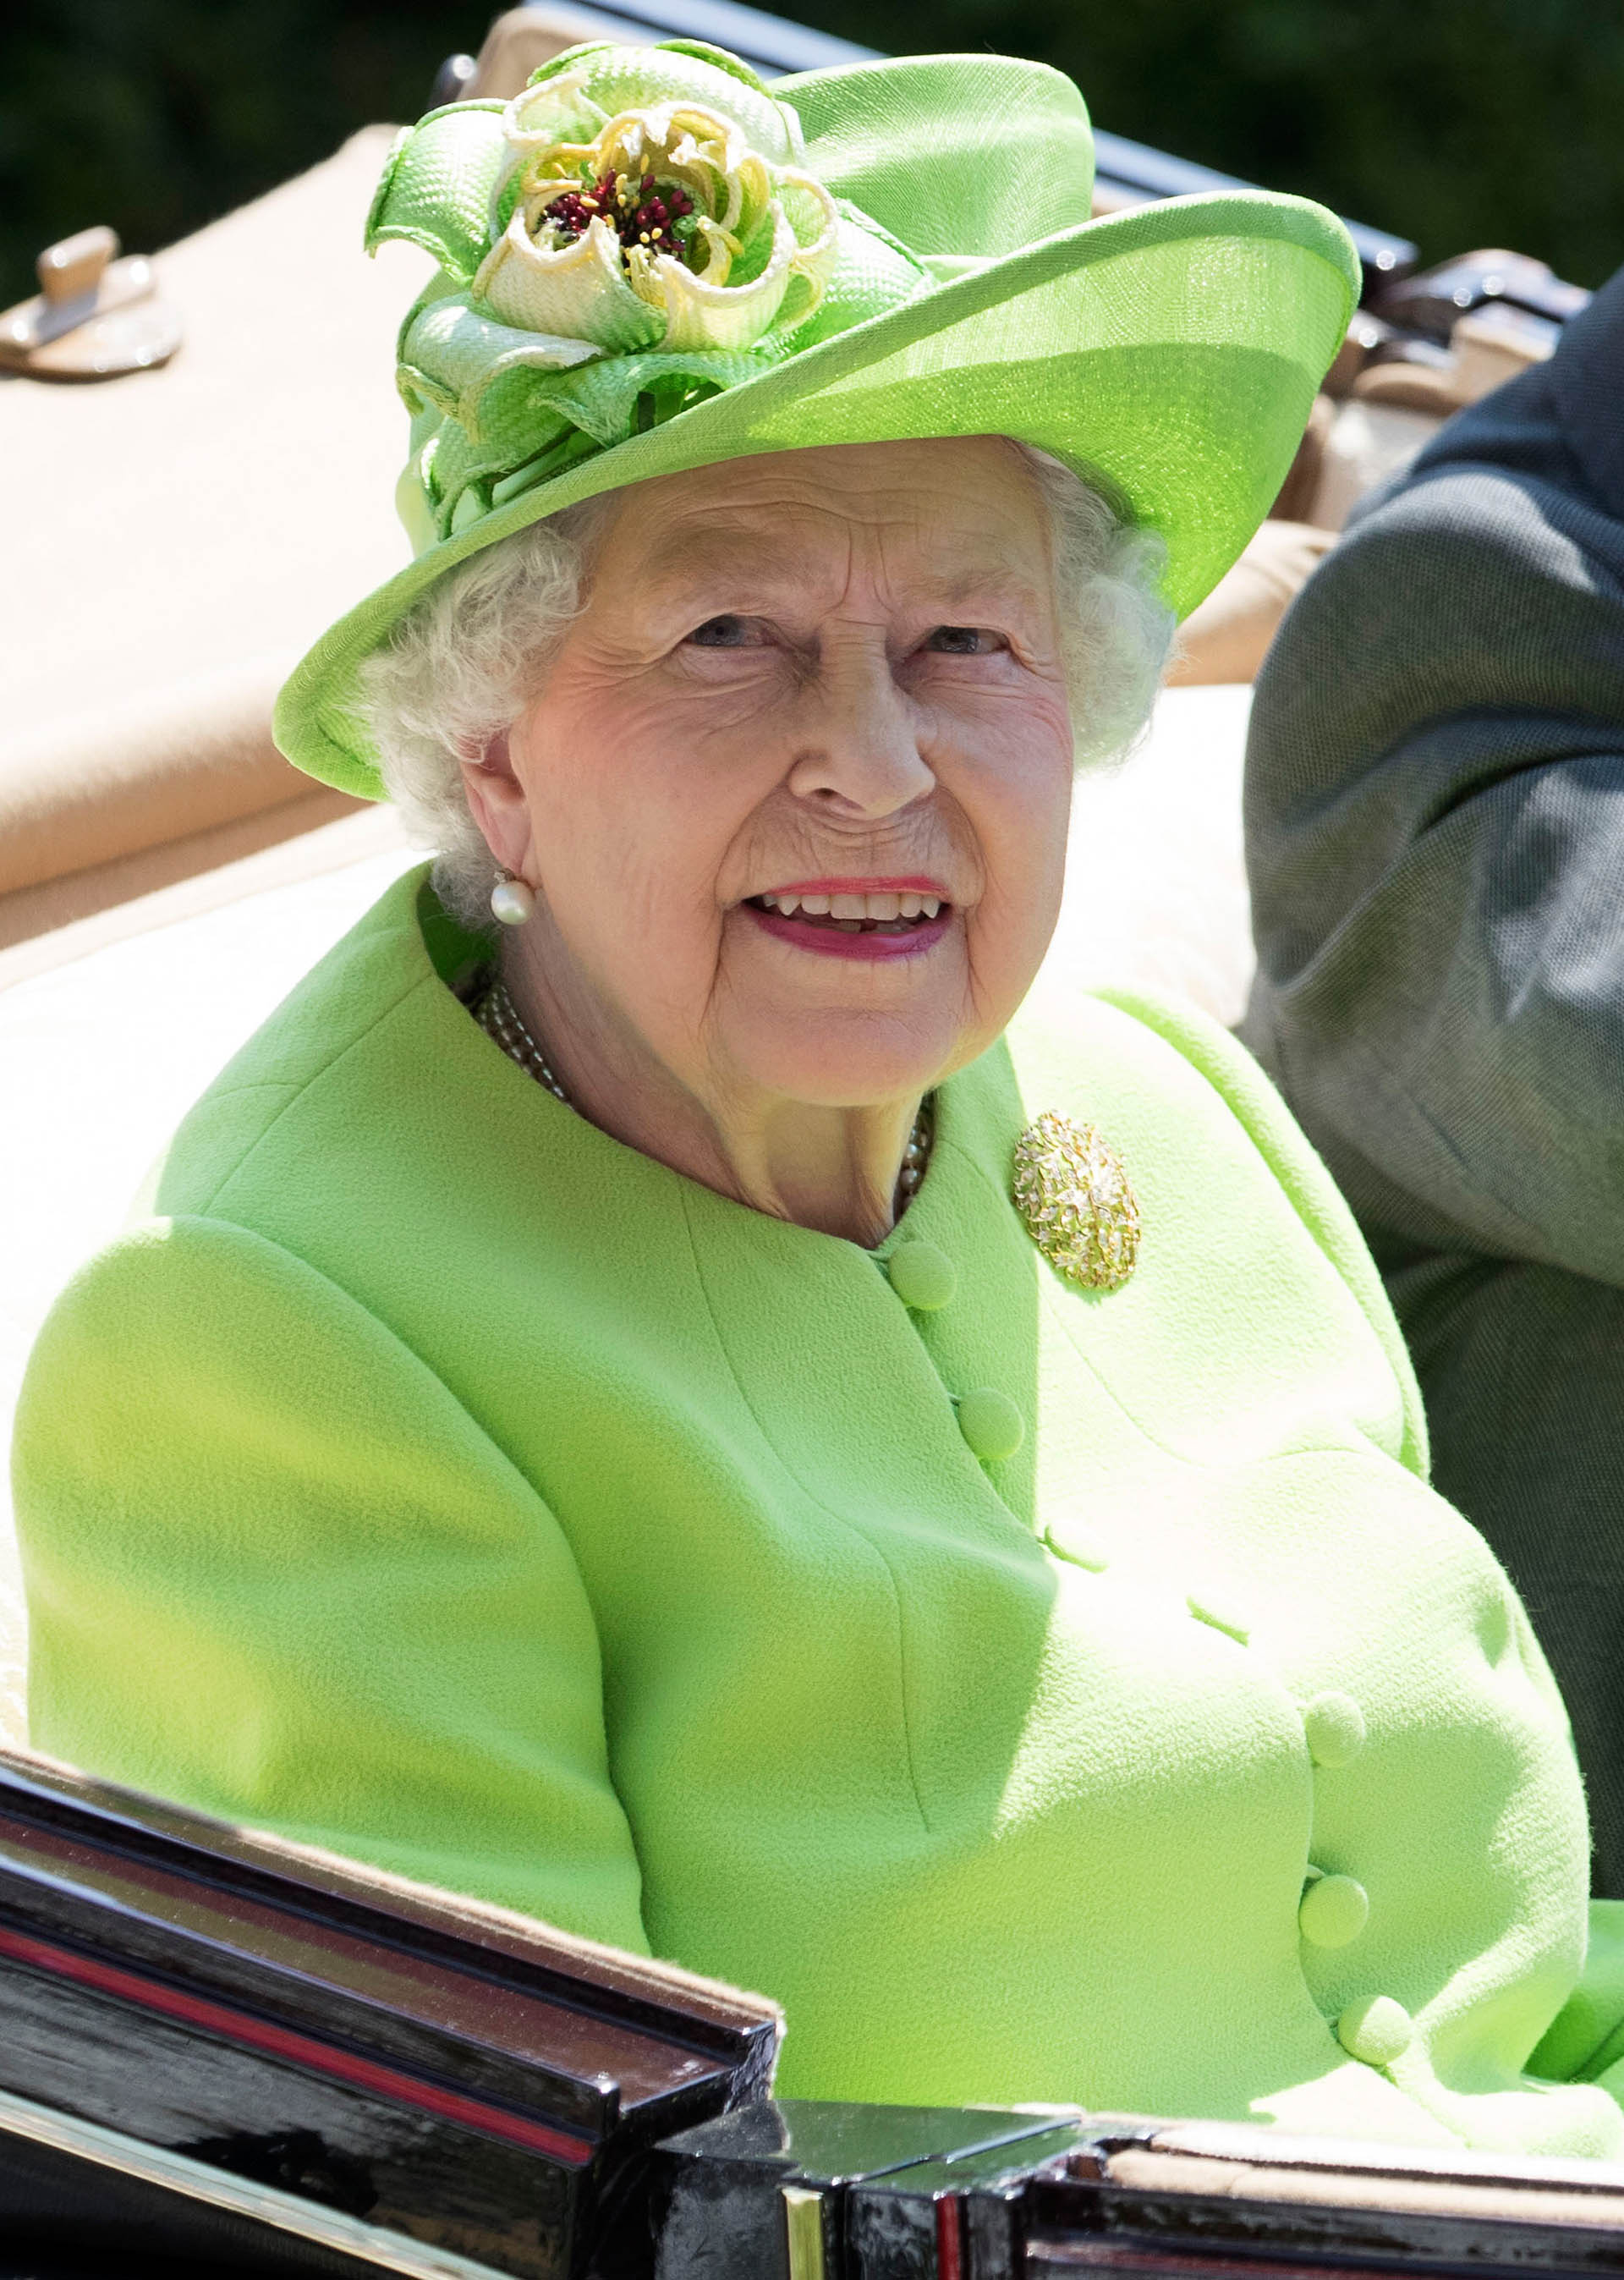 Es uno de los eventos favoritos de la reina, y para la ocasión se inclinó por el monocrom en tono verde. Eligióun abrigo de cuello a caja con botonadura central y un sencillo sombrero verde